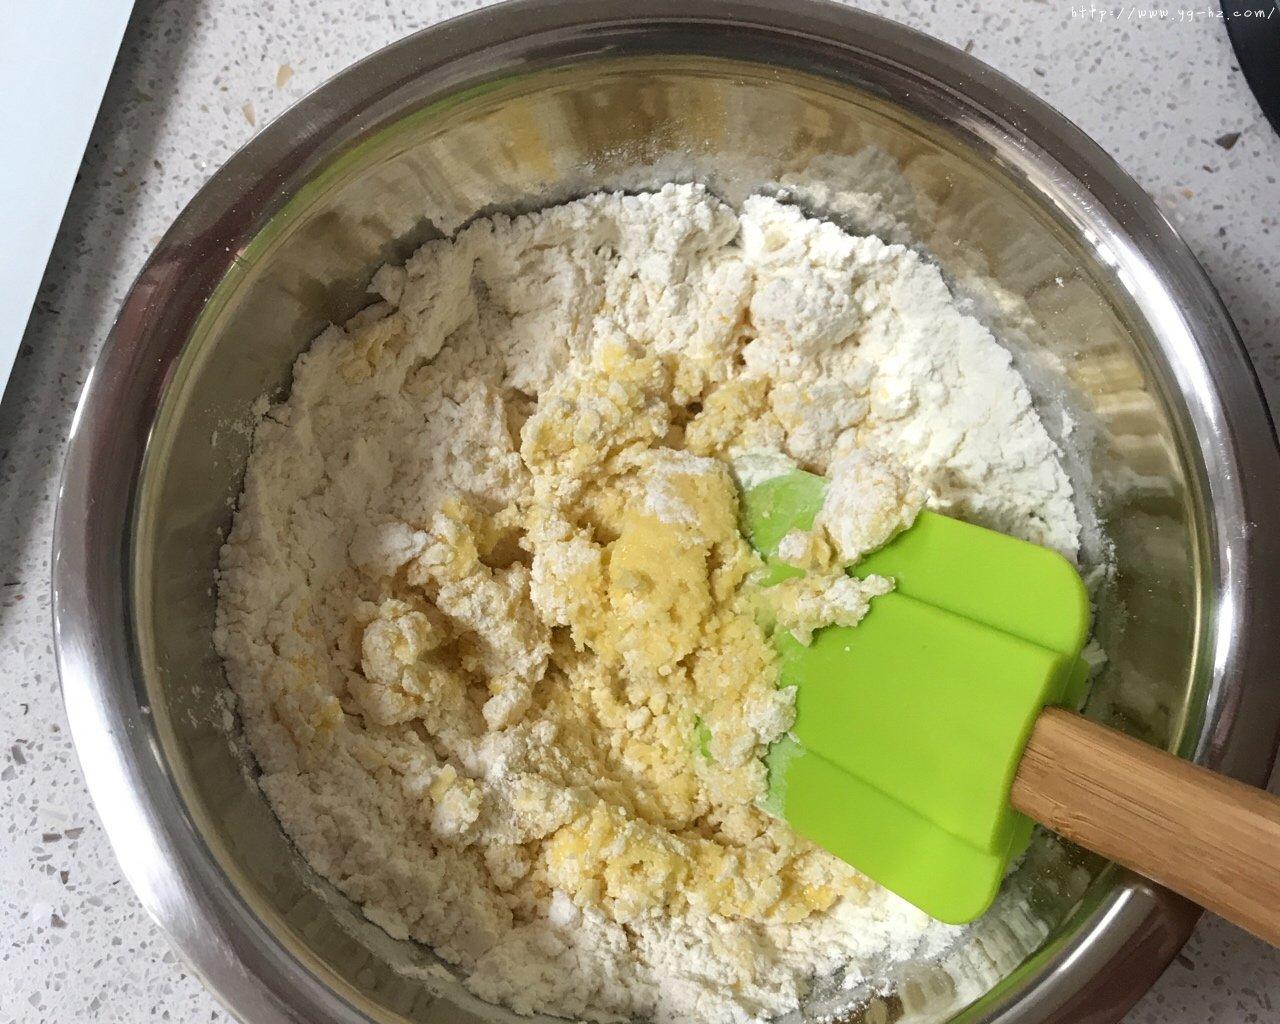 酥酥的黄油曲奇的做法 步骤5